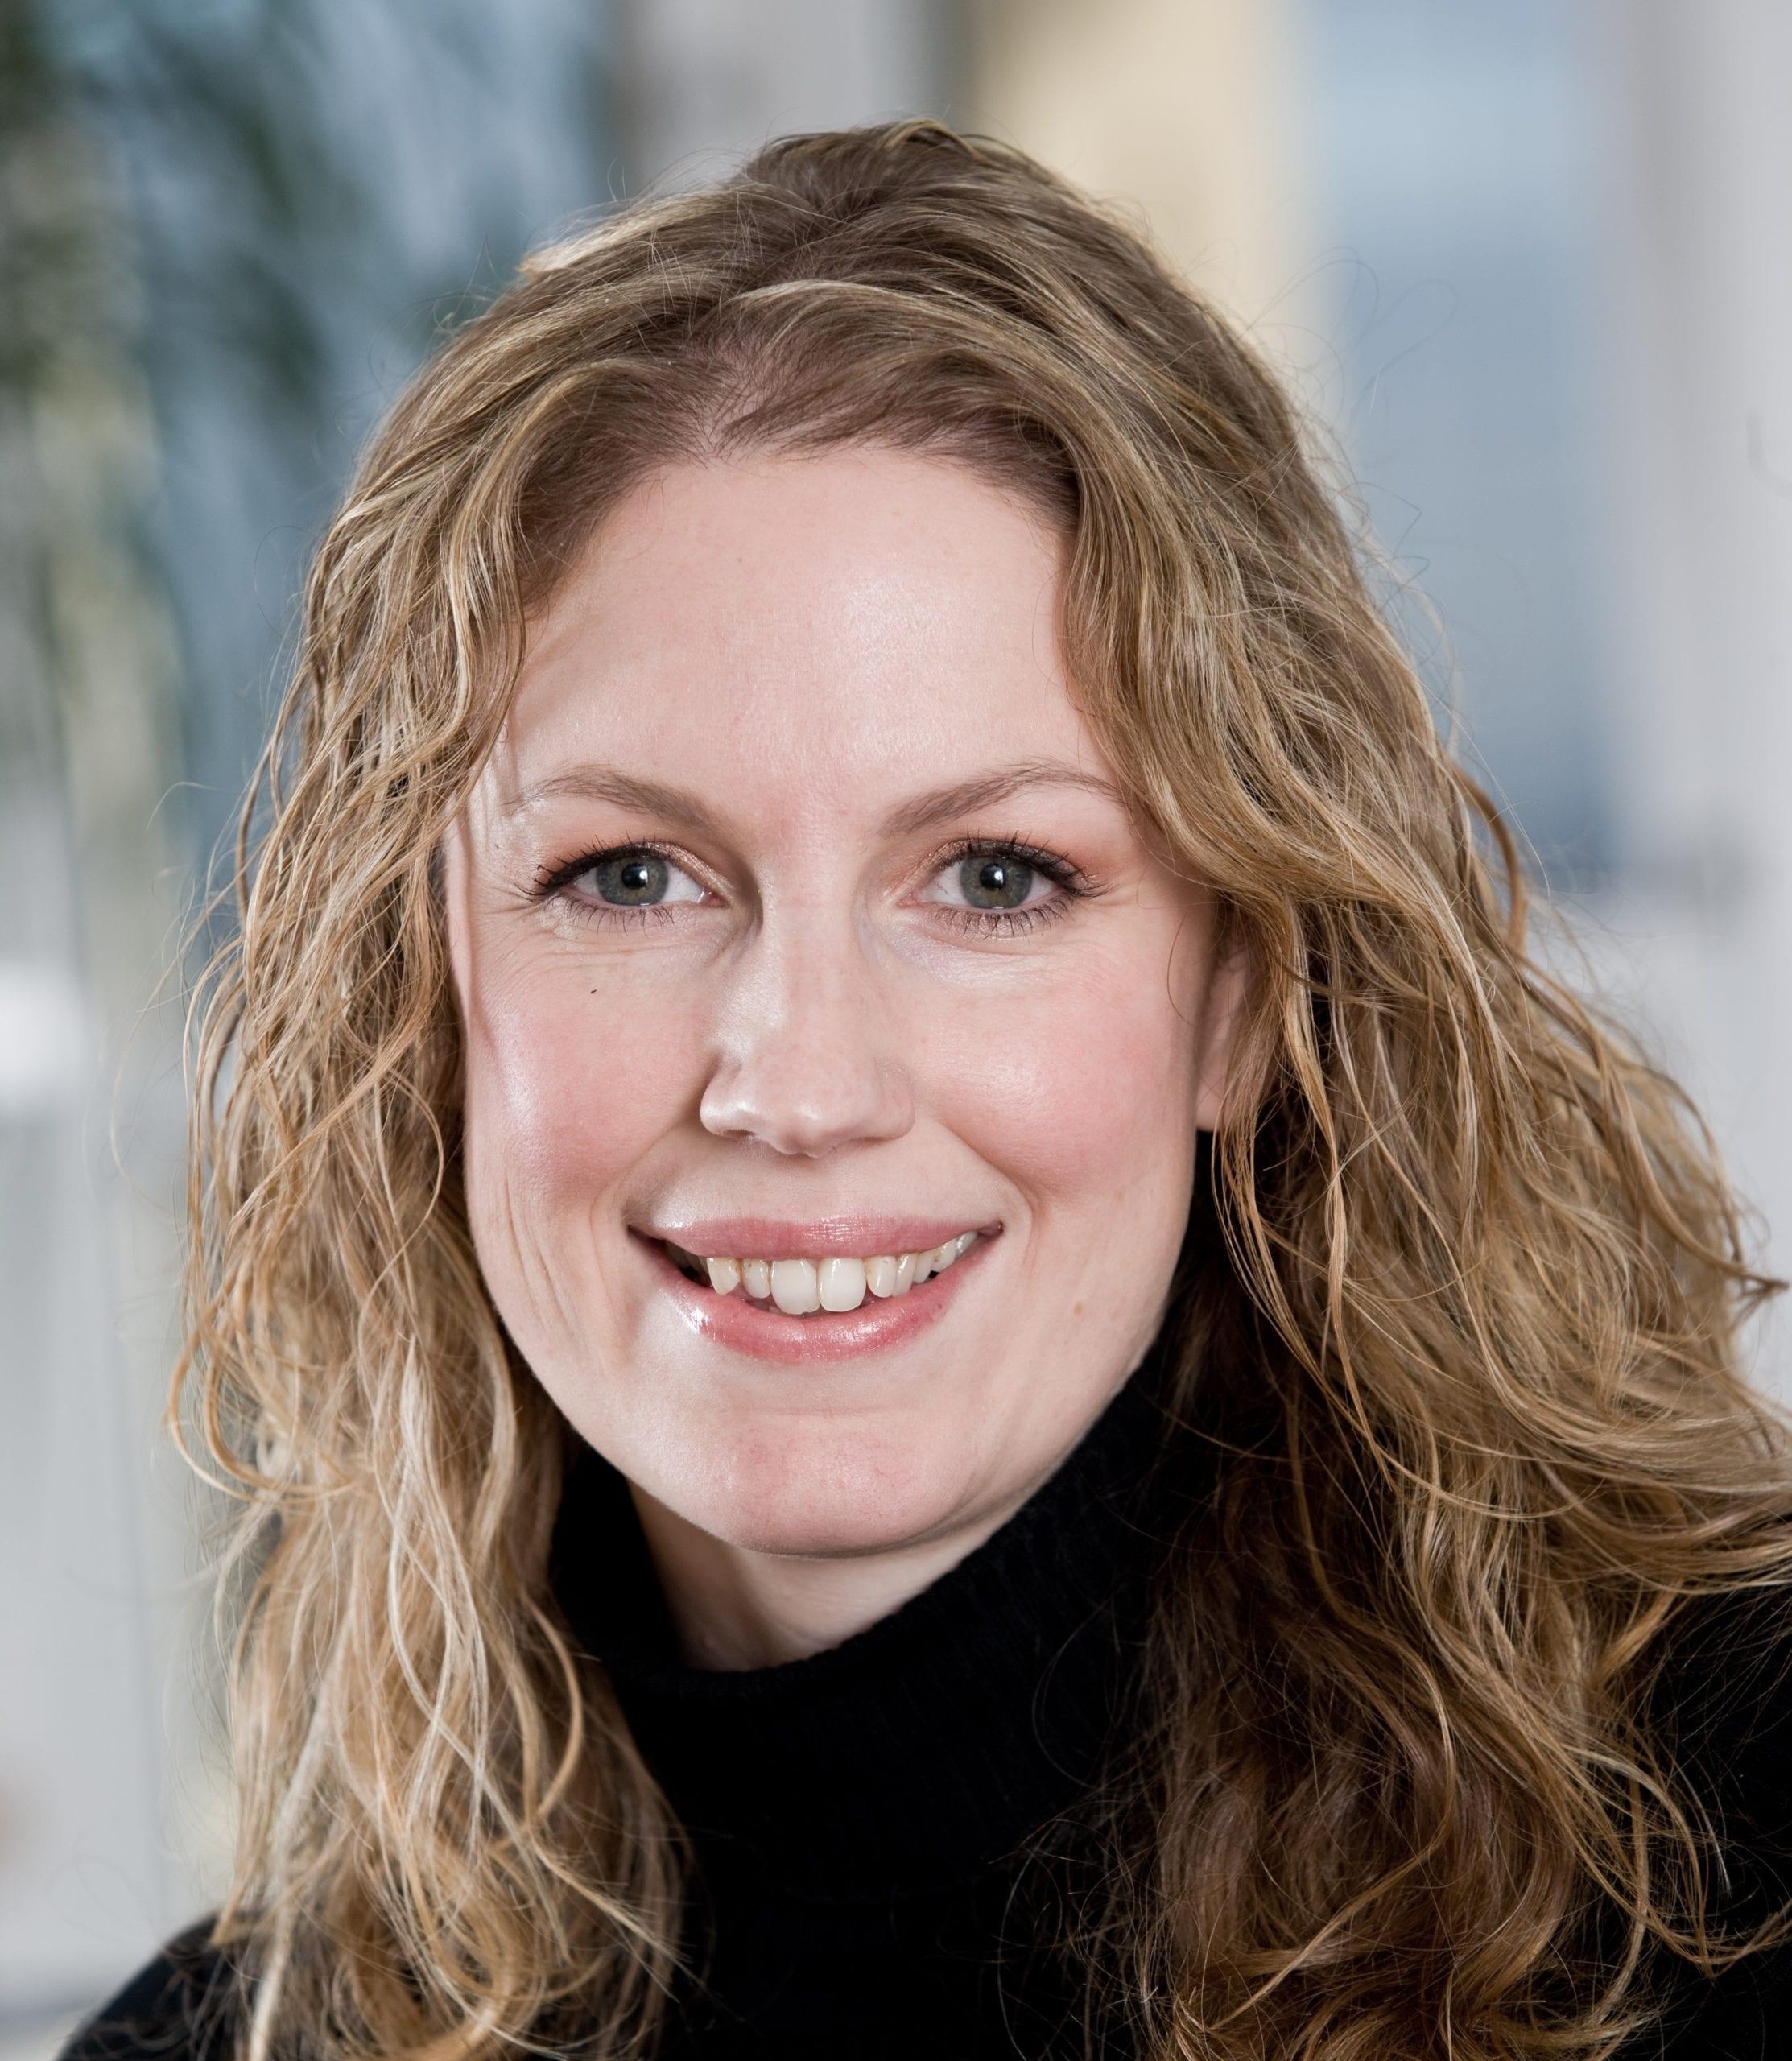 Julie Taylor in a black jumper smiles